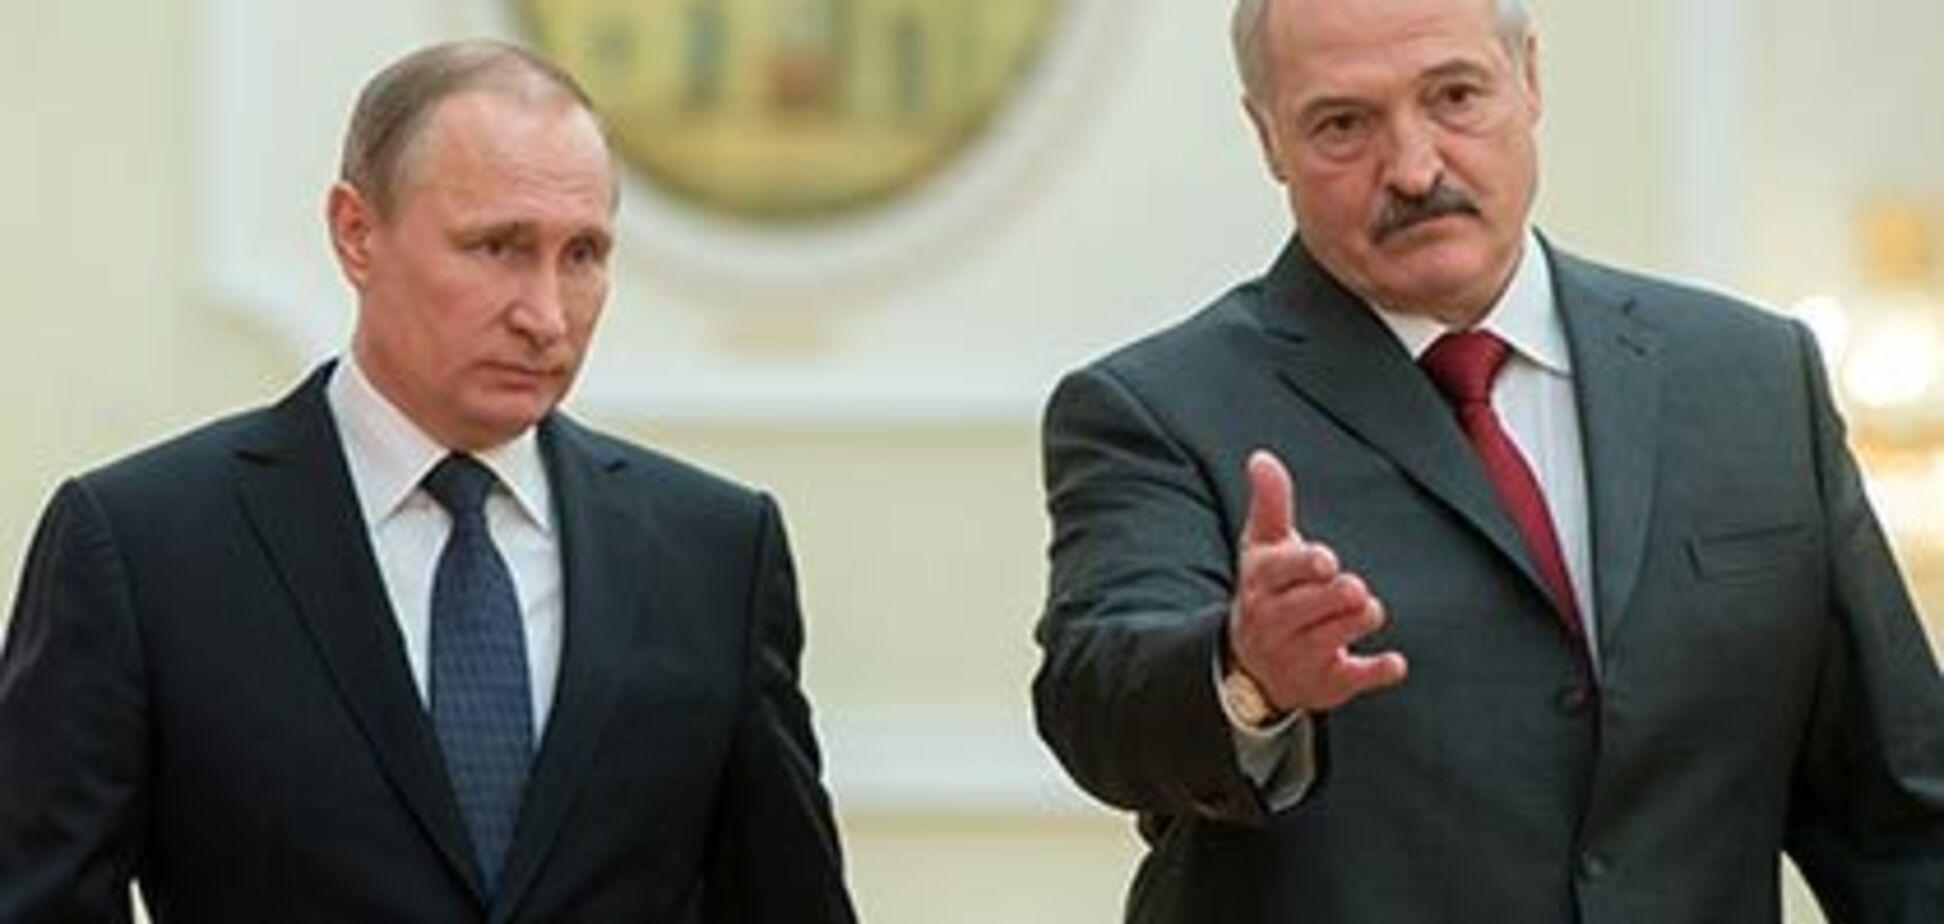 ''Руська весна'' в Білорусі: Лукашенко відчуває загрозу